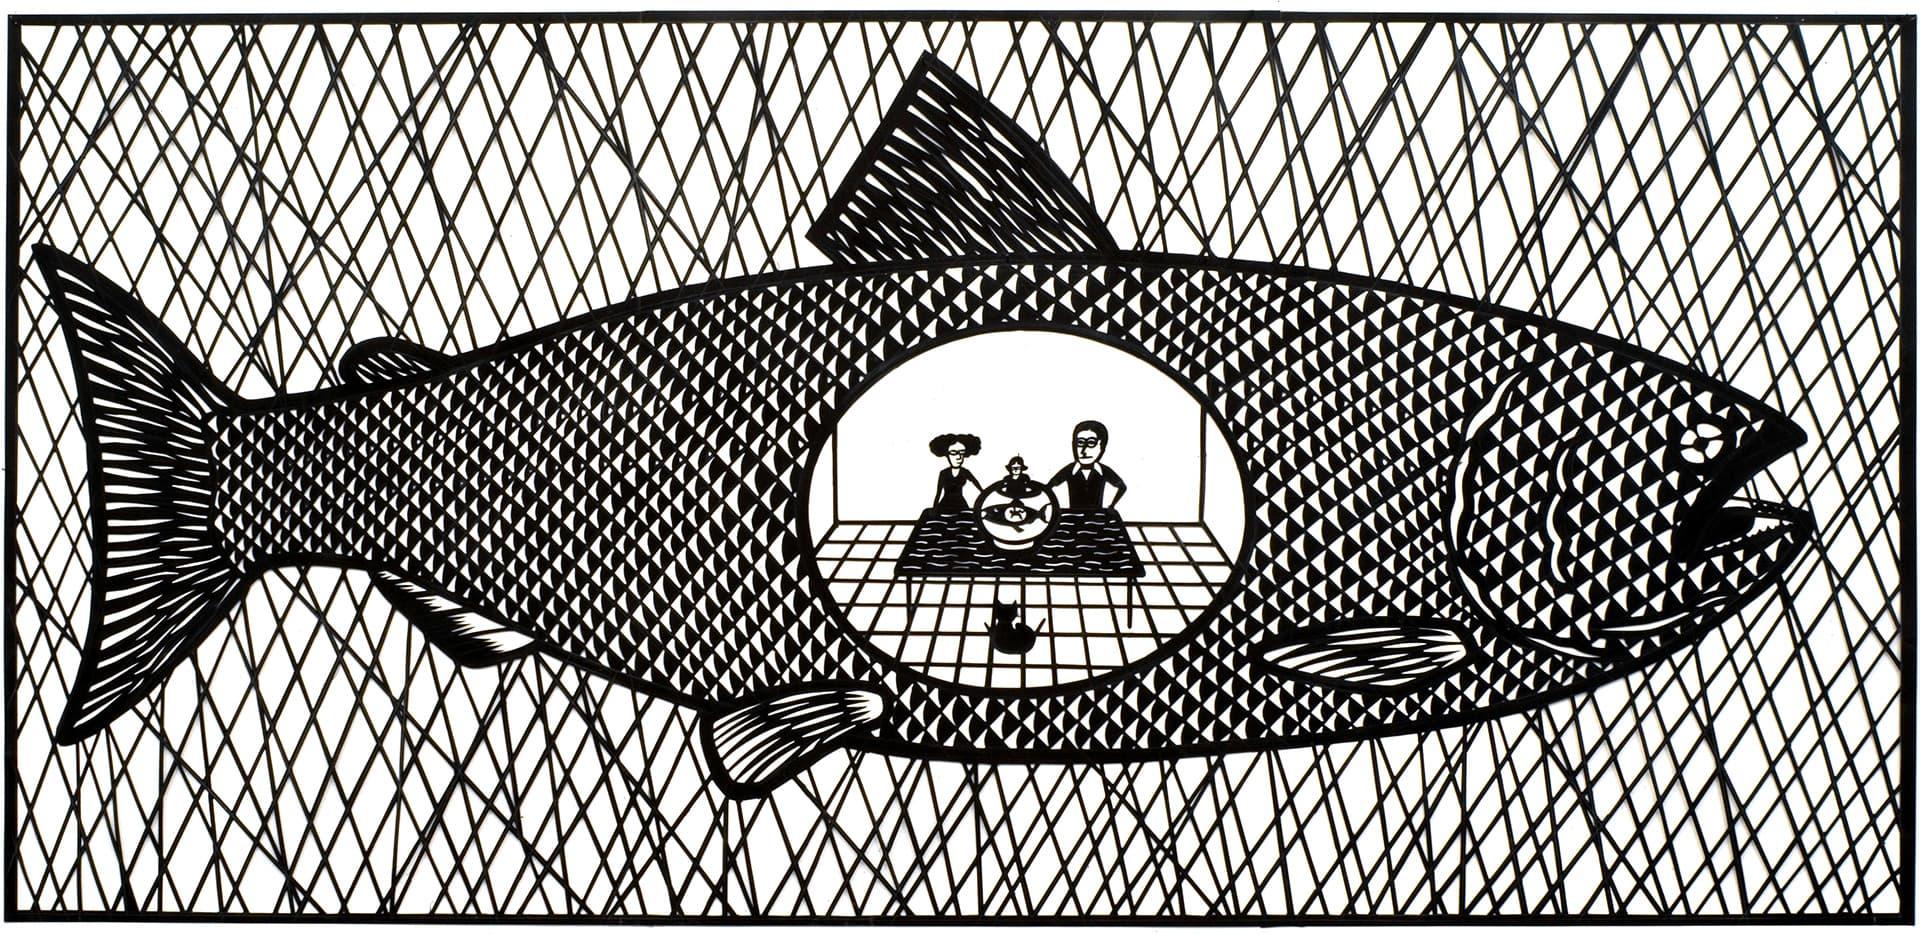 Il-pesciolinino-d-oro-artoncino-ritagliato